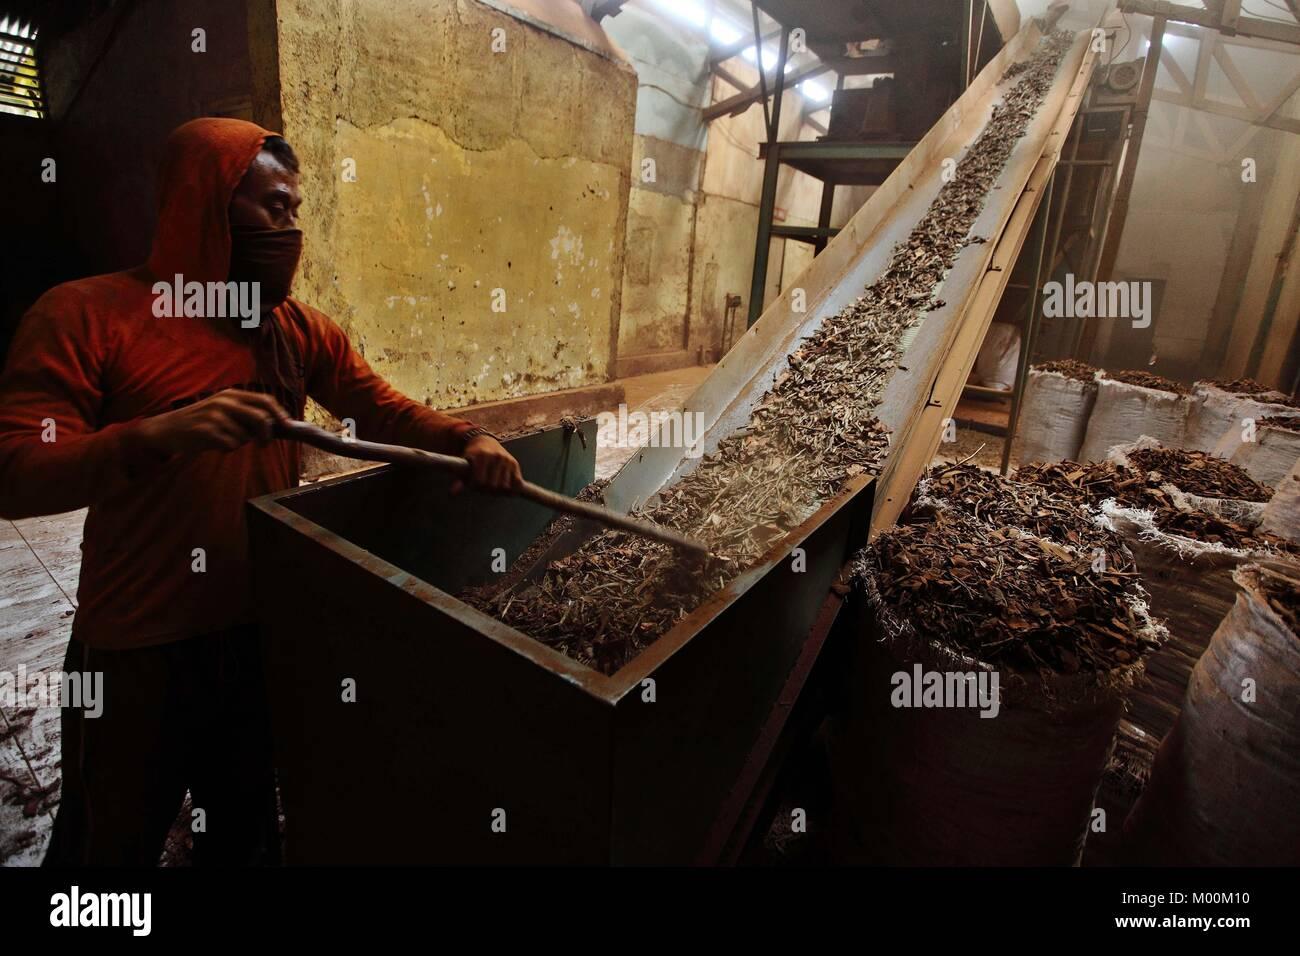 (180117) -- BANDUNG, Gennaio 17, 2018 (Xinhua) -- Un woker produce polvere di chinino da corteccia di China a PTPN Immagini Stock